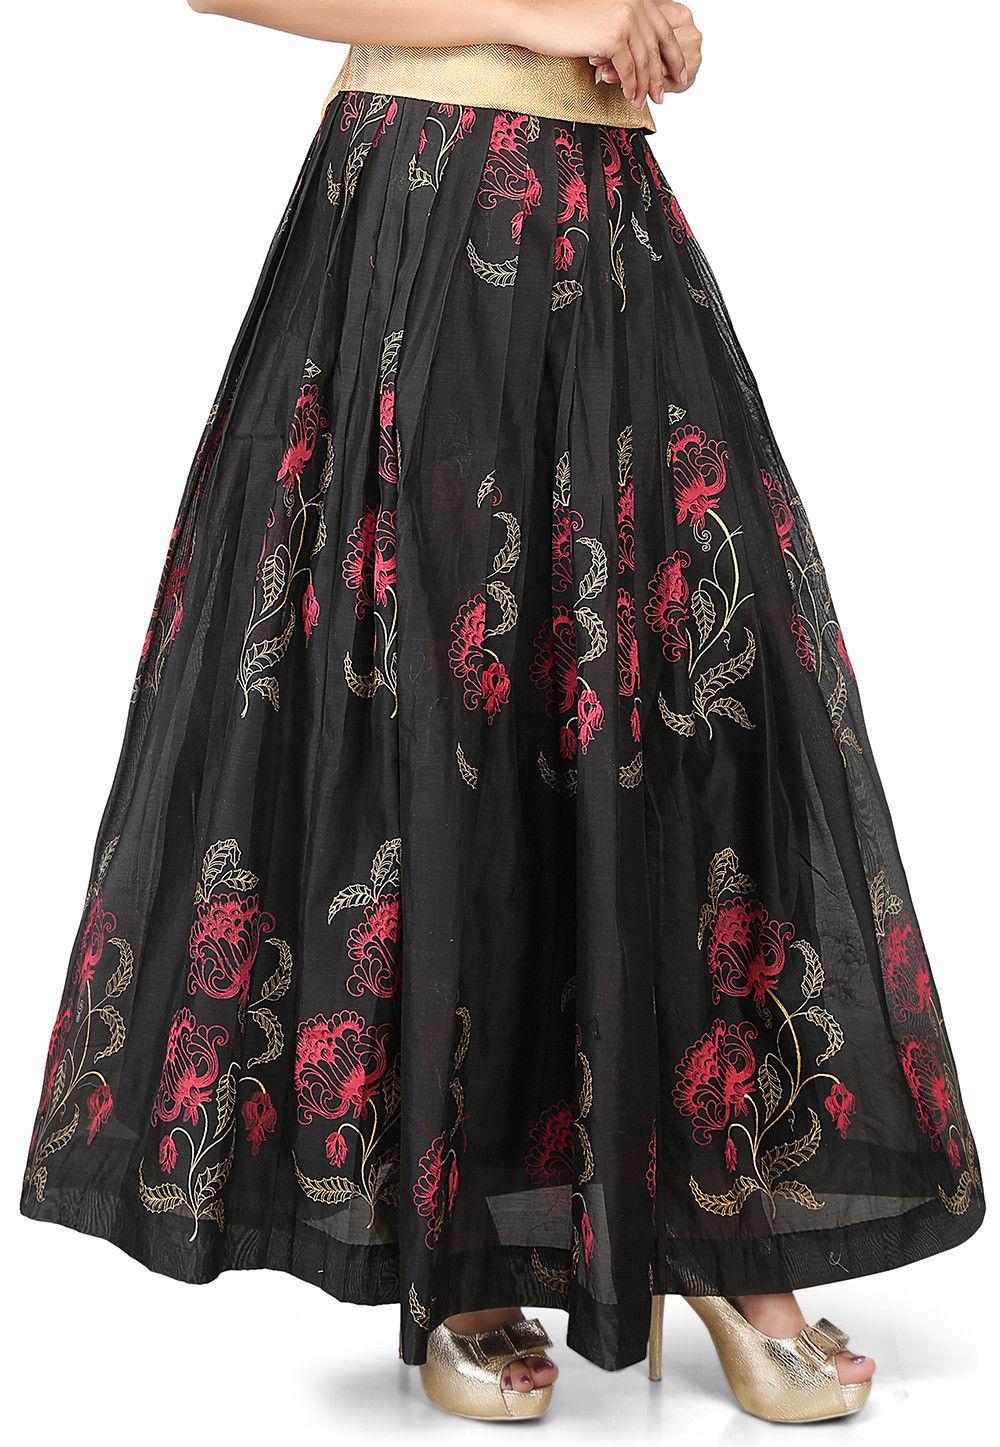 Printed Chanderi Silk Long Skirt in Black